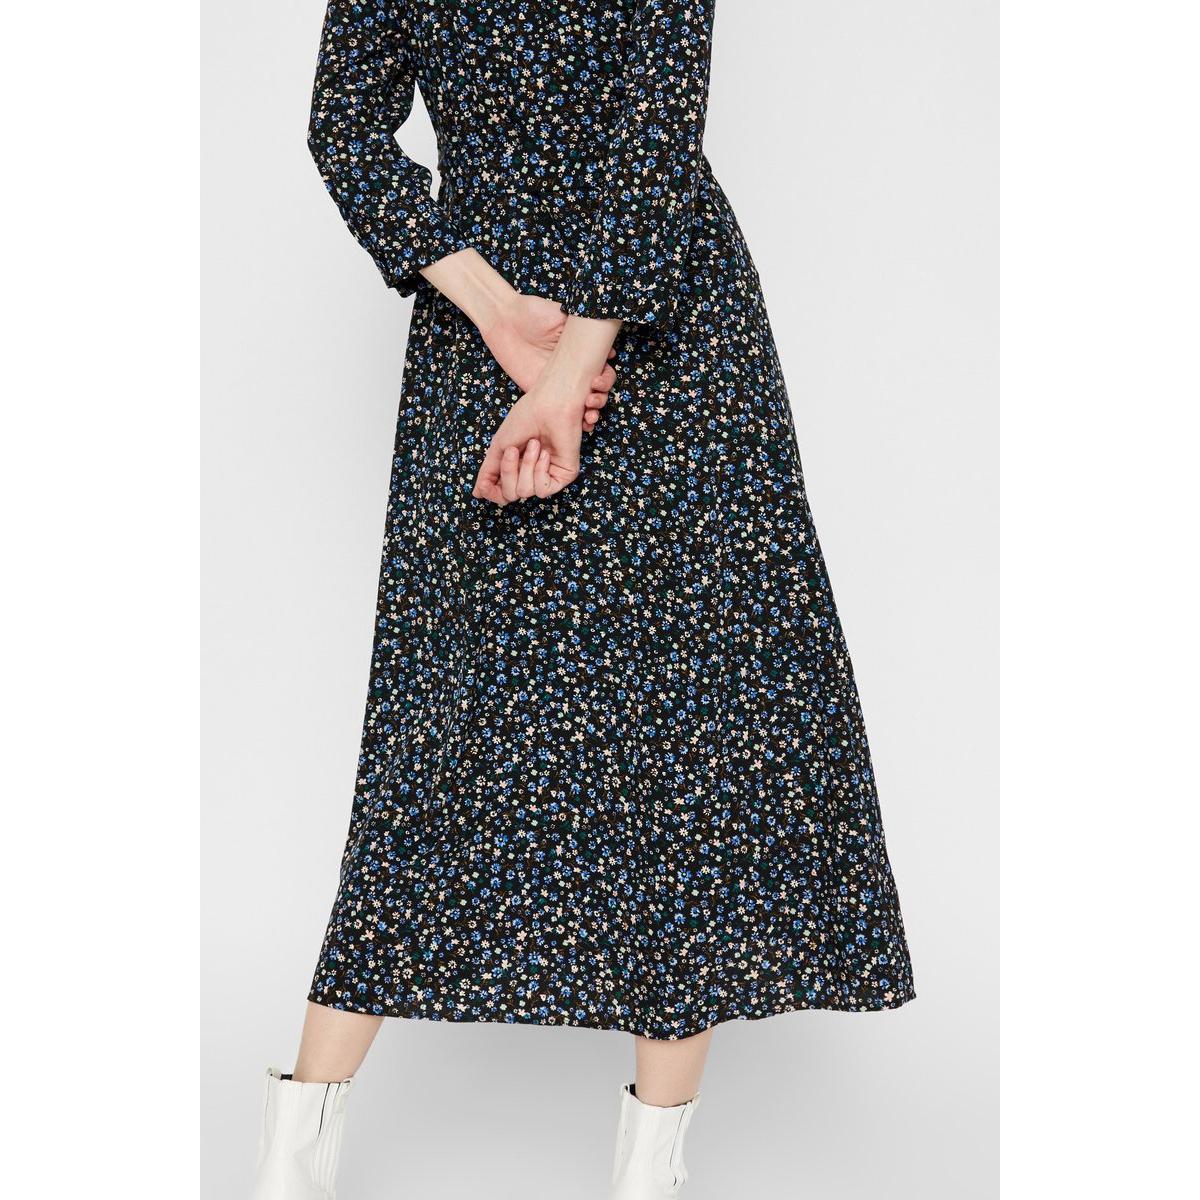 pcapril new 3/4 ankle dress 17102582 pieces jurk black/multi flow